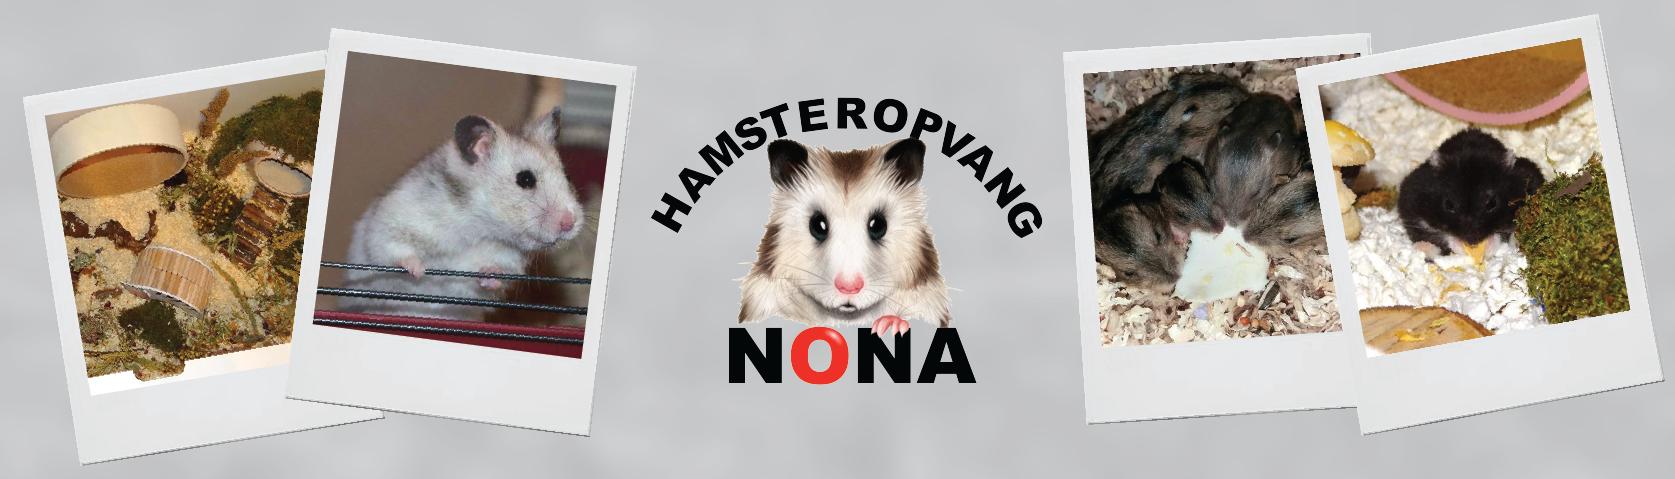 Hamsteropvang Nona